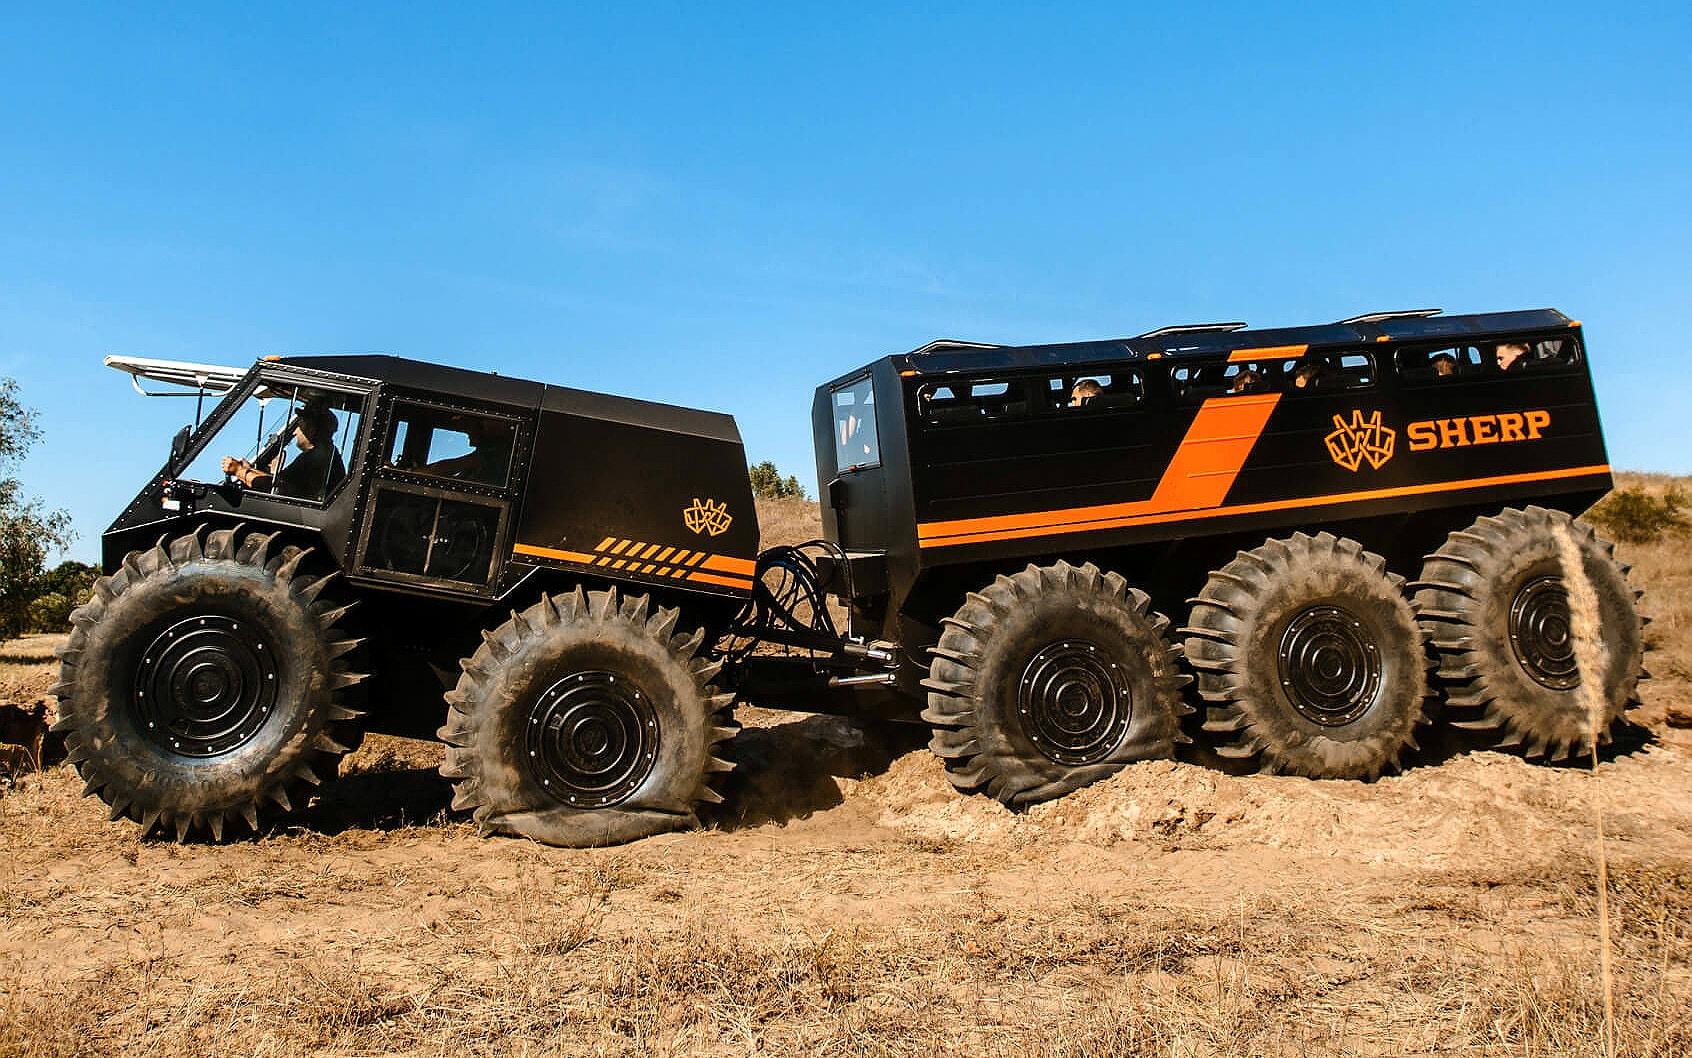 SHERP The Ark ATV